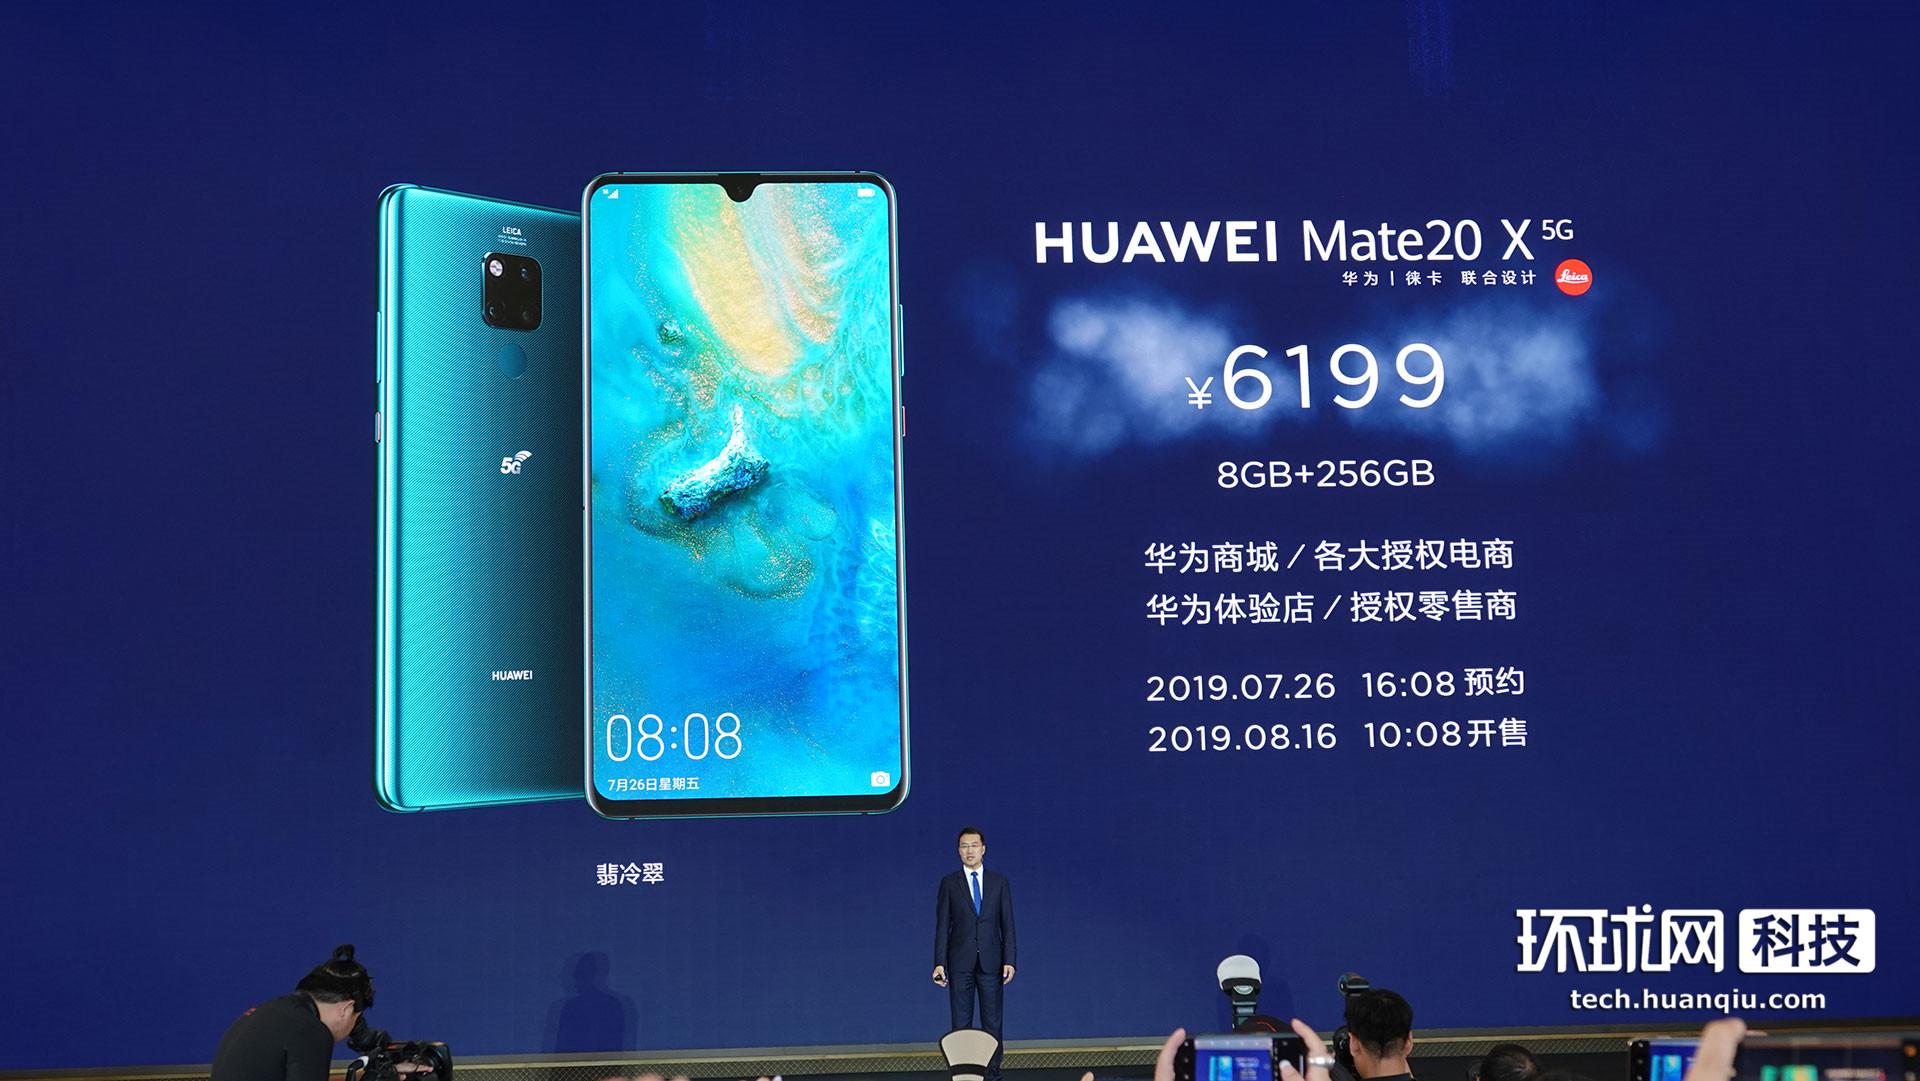 华为首款5G手机发布:Mate 20 X(5G)定价6199元